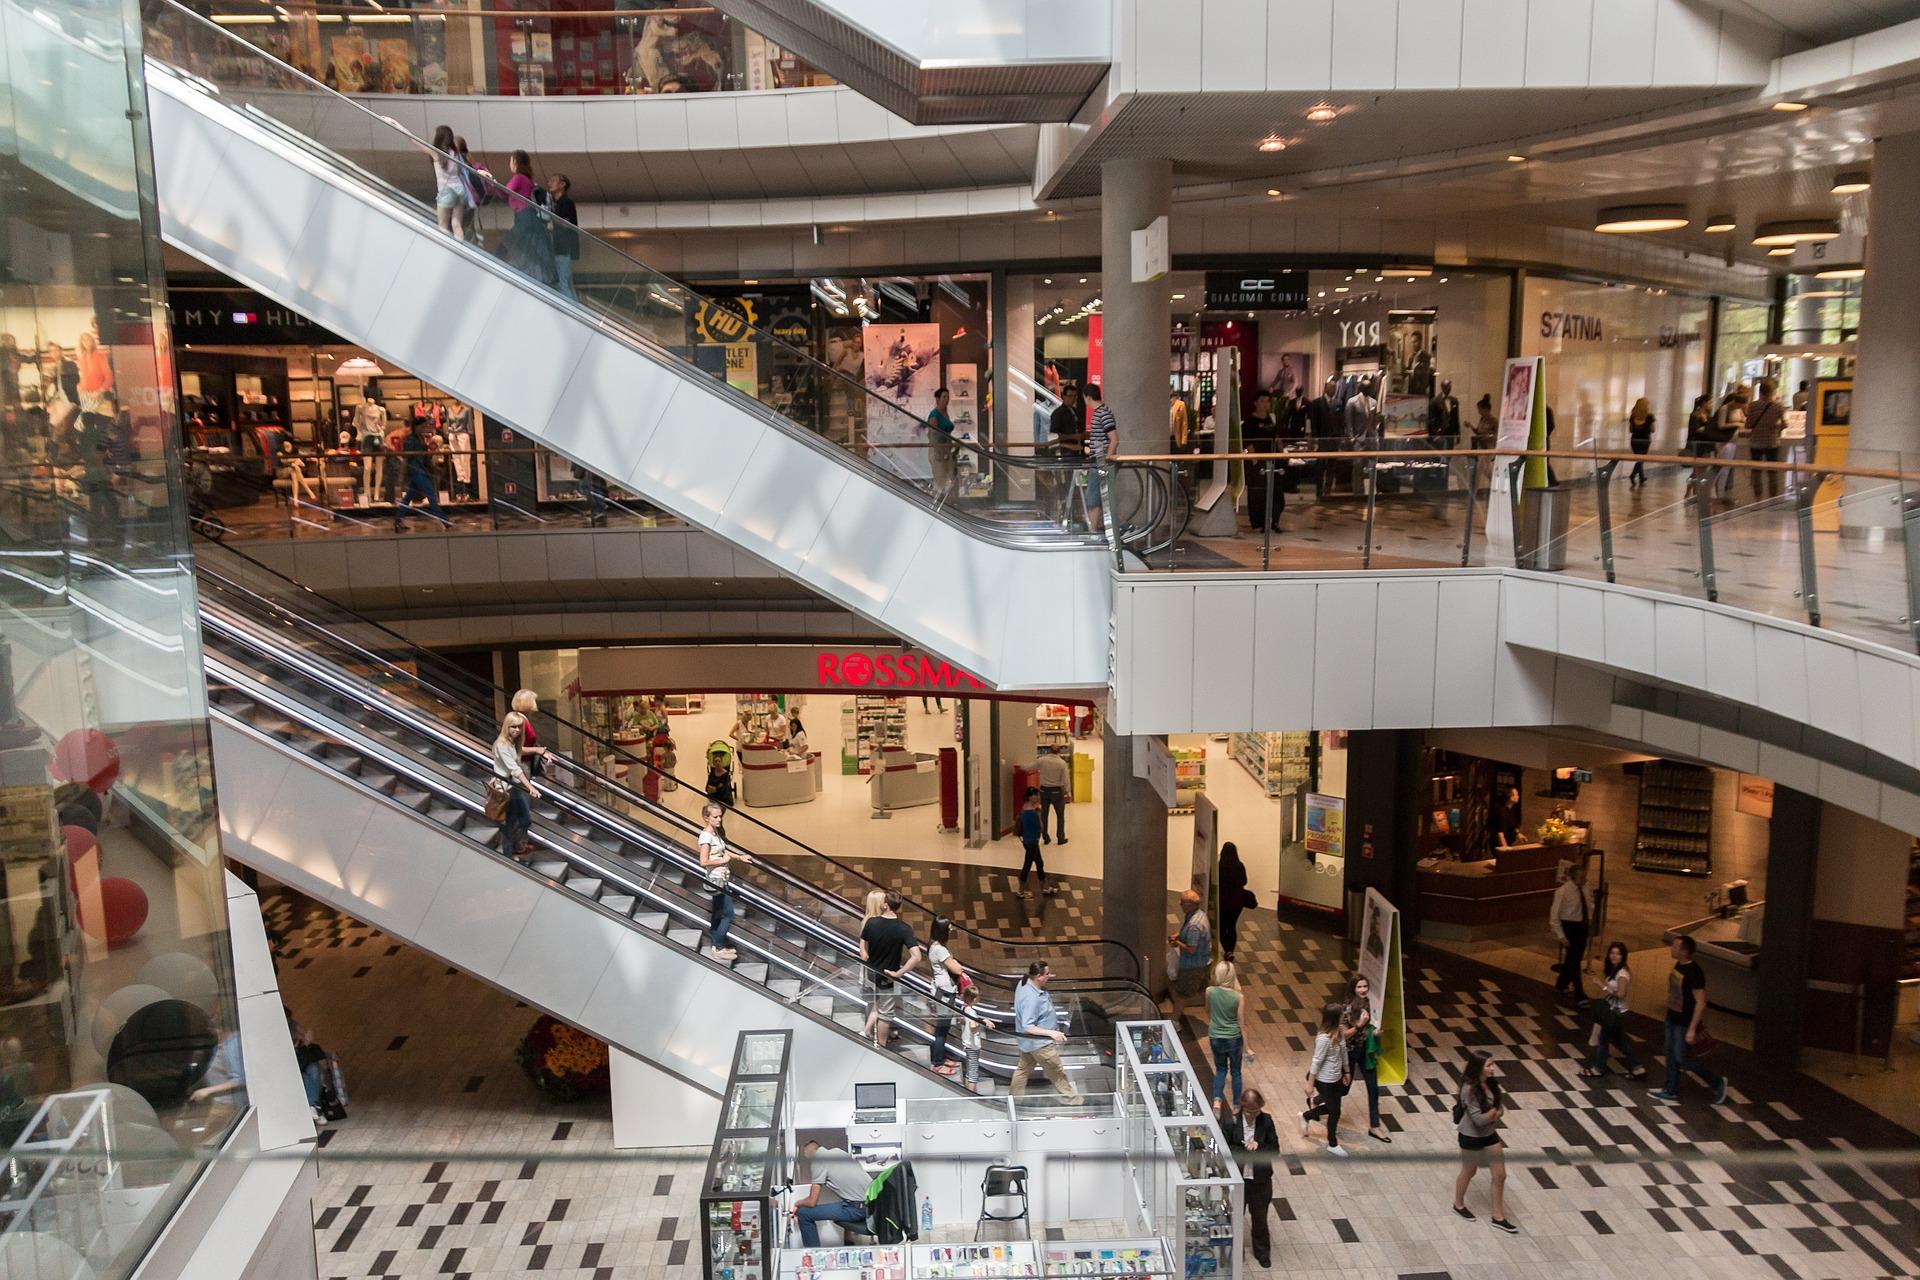 คลายล็อกหนุนไฮซีซั่น-ห้างทราฟฟิกพุ่ง – ท่องเที่ยว